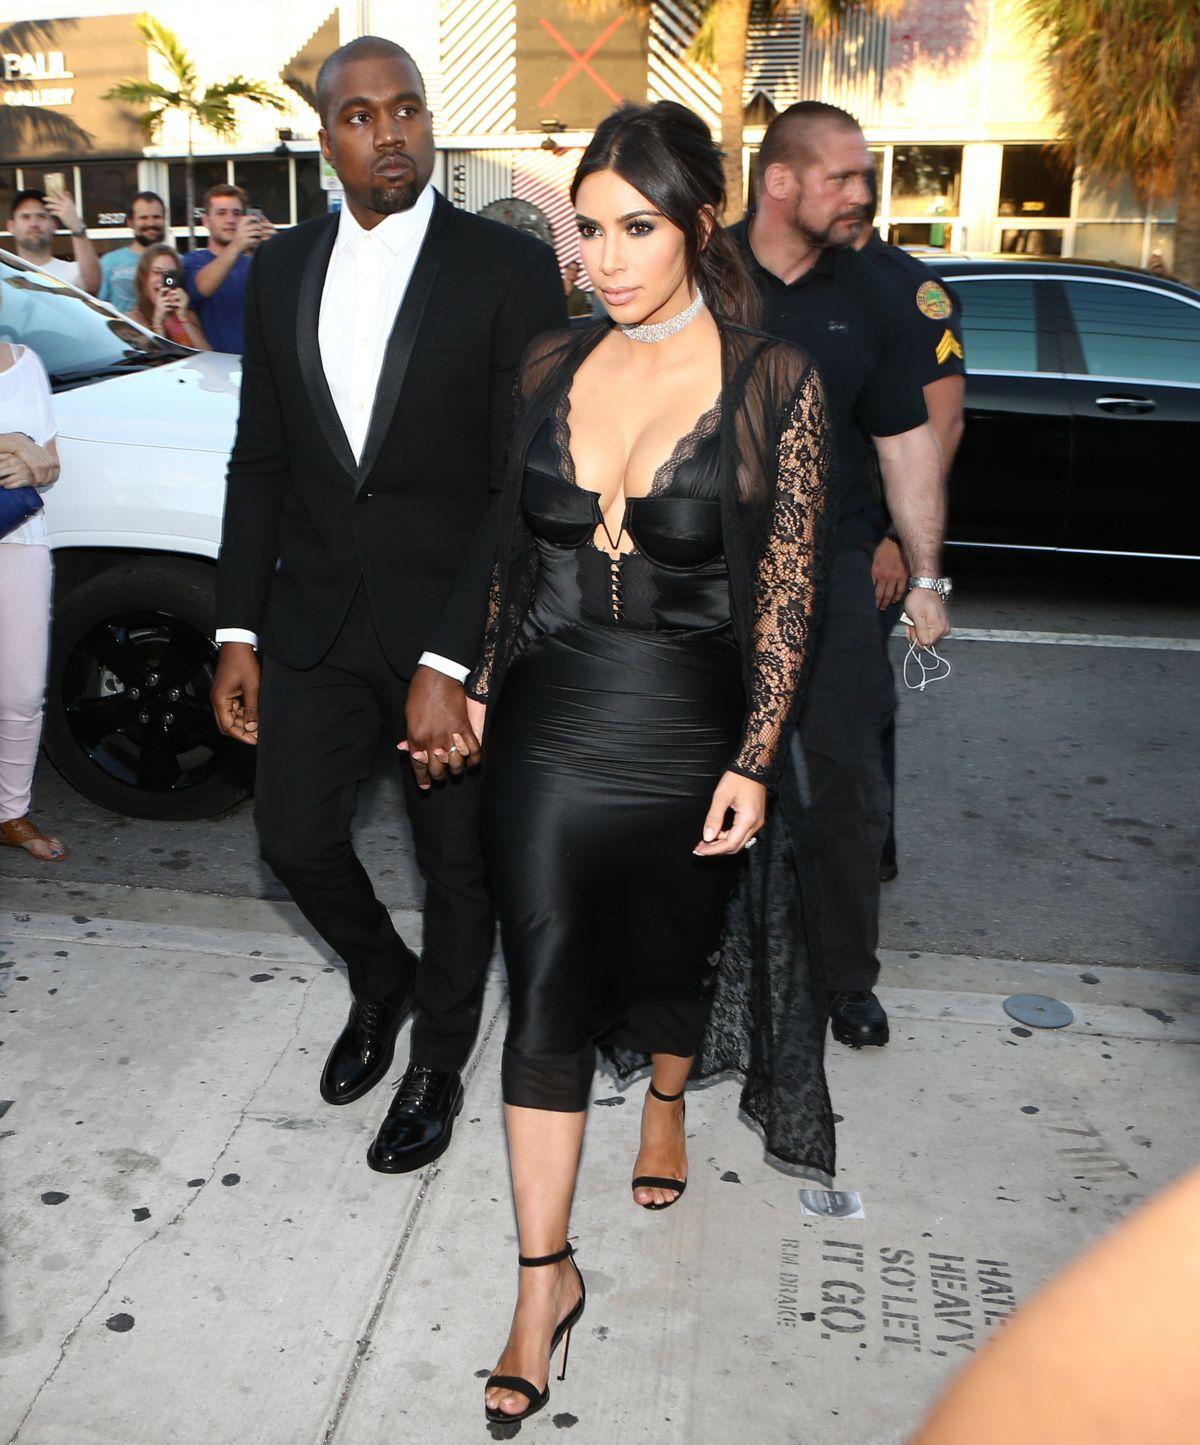 Kanye Kim Wedding: KIM KARDASHIAN And Kanye West Arrives At Isabela Rangel